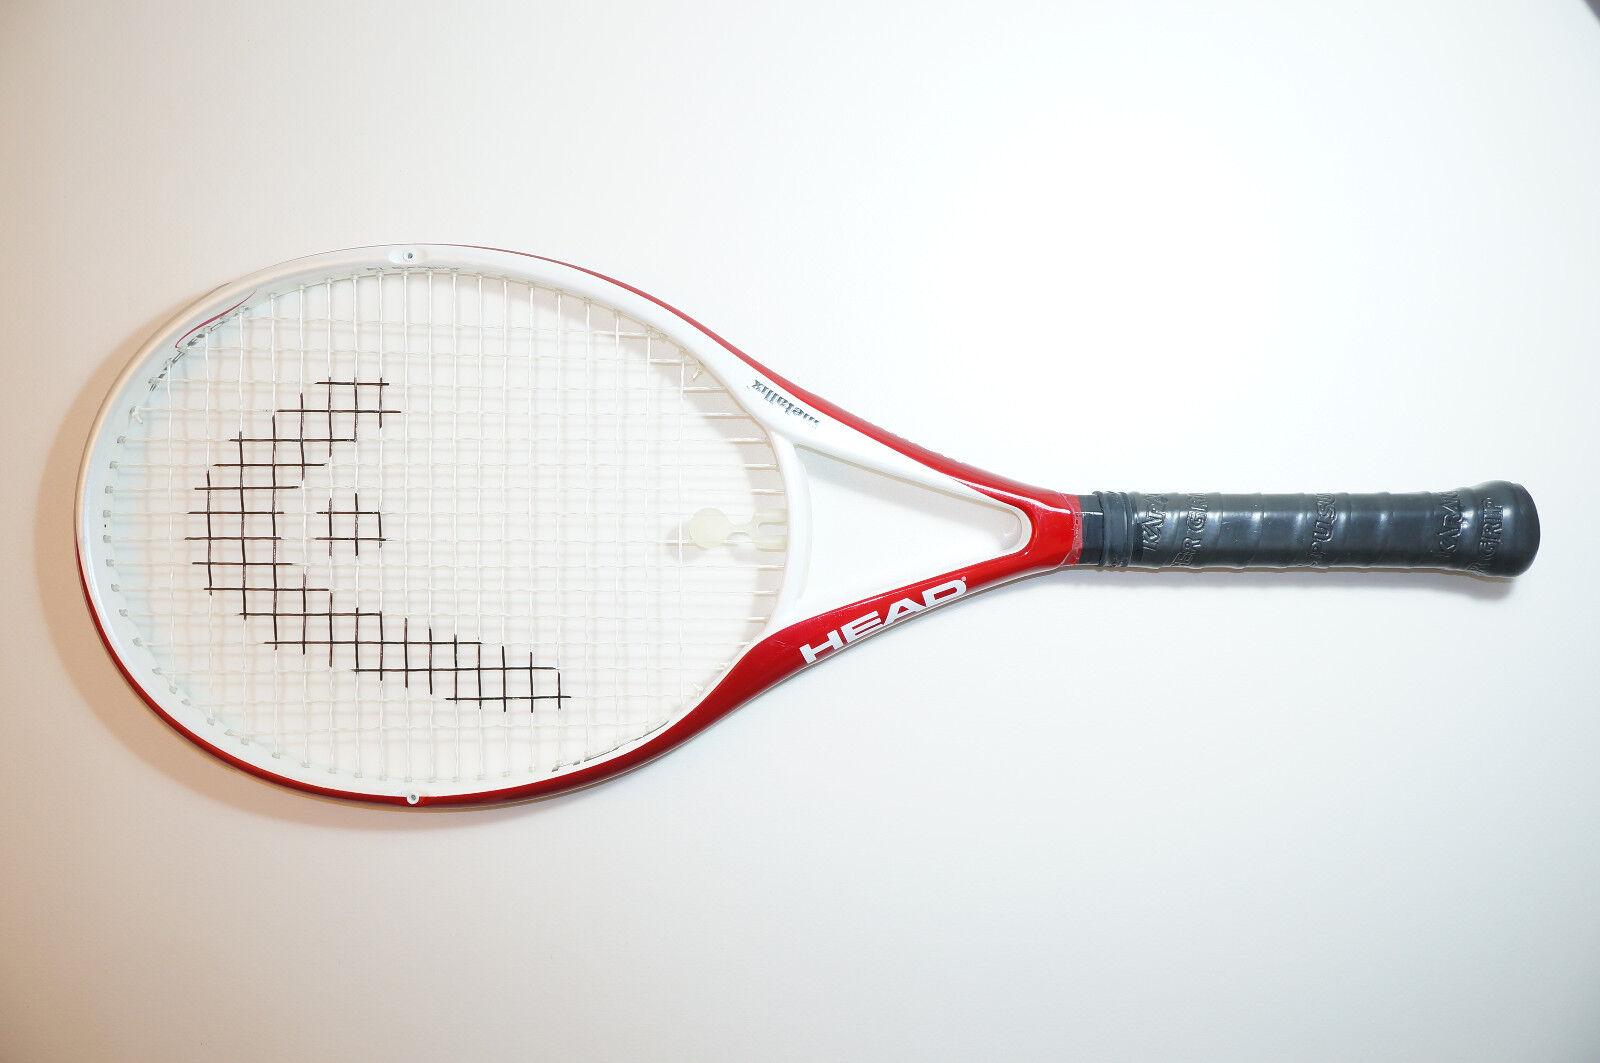 1 el flujo de aire cabeza una raqueta de tenis 4 3 8 EU3 L3